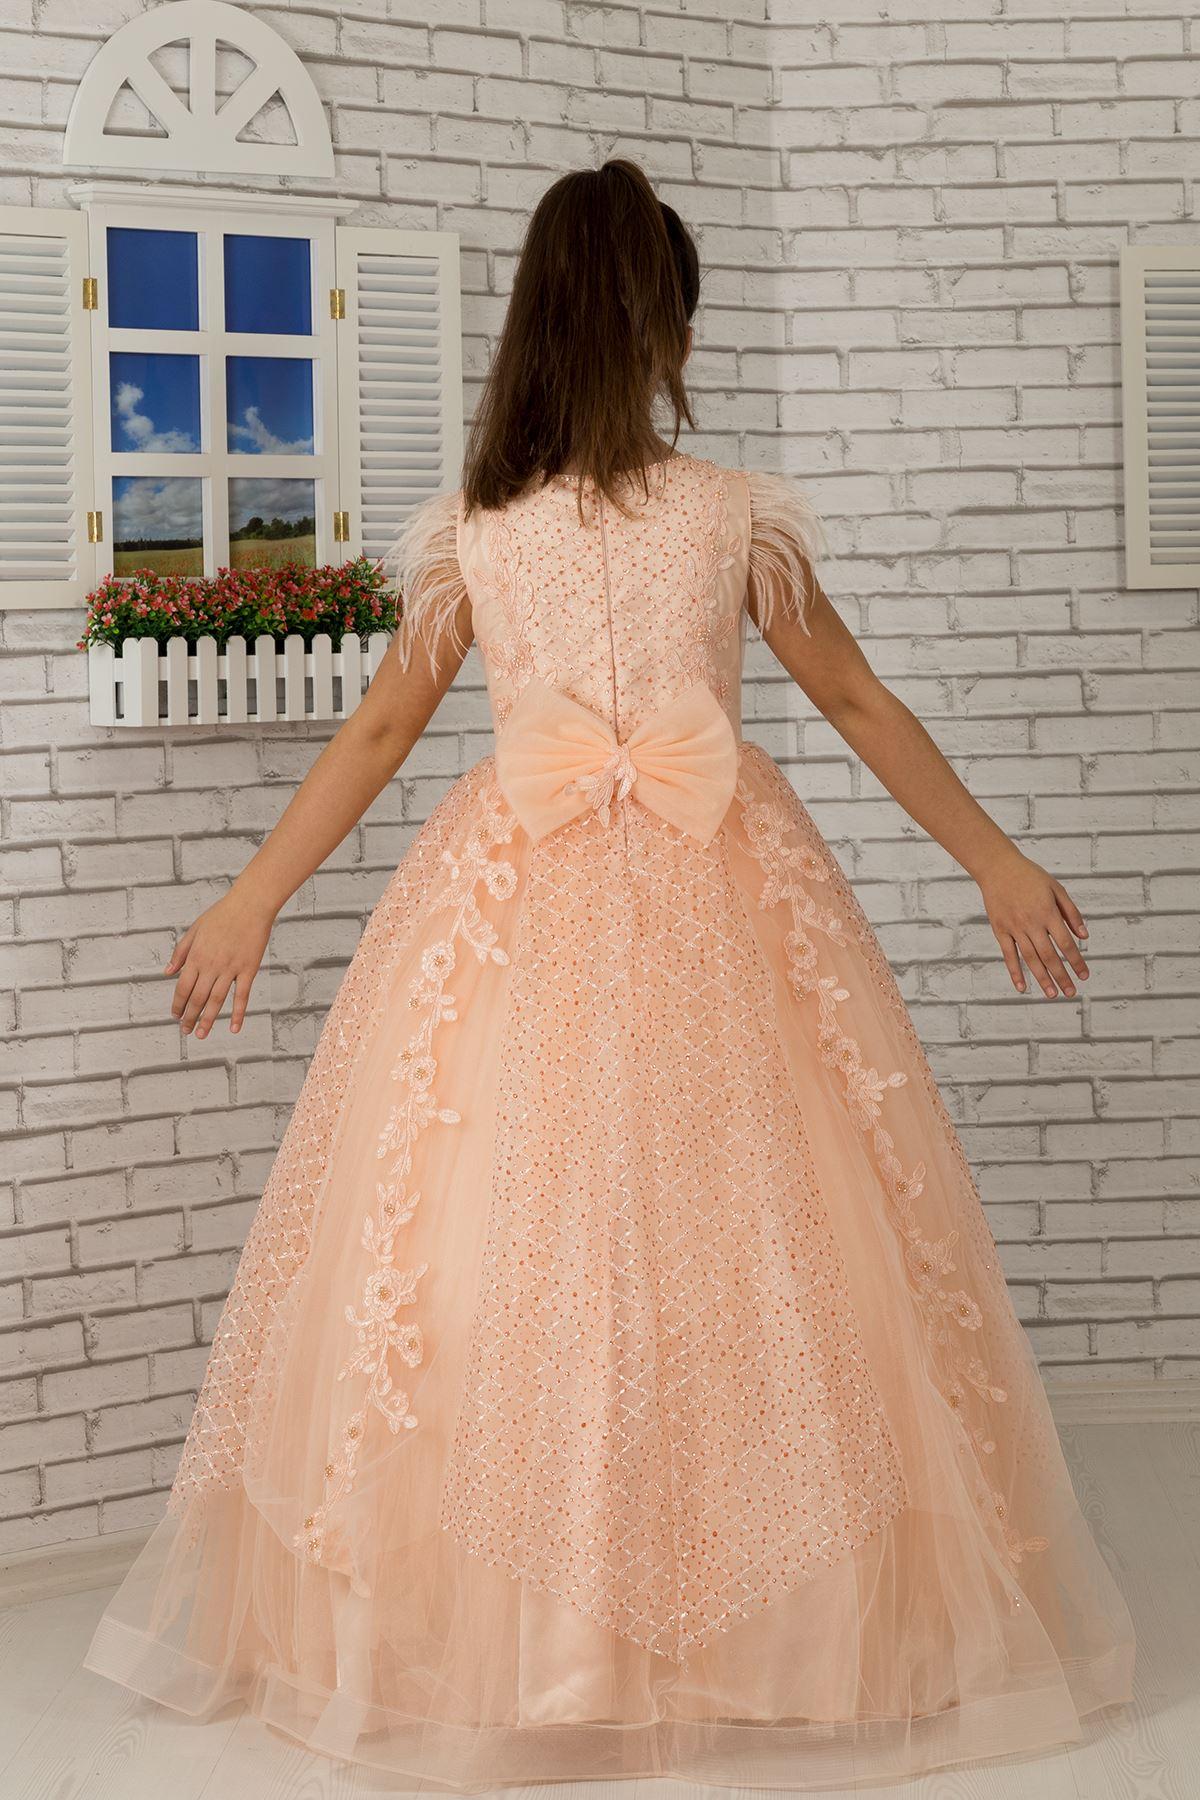 Flauschige Mädchen Abendkleid 603 Lachs mit Schulter Feder detail, Applikation, silbrig Tüll